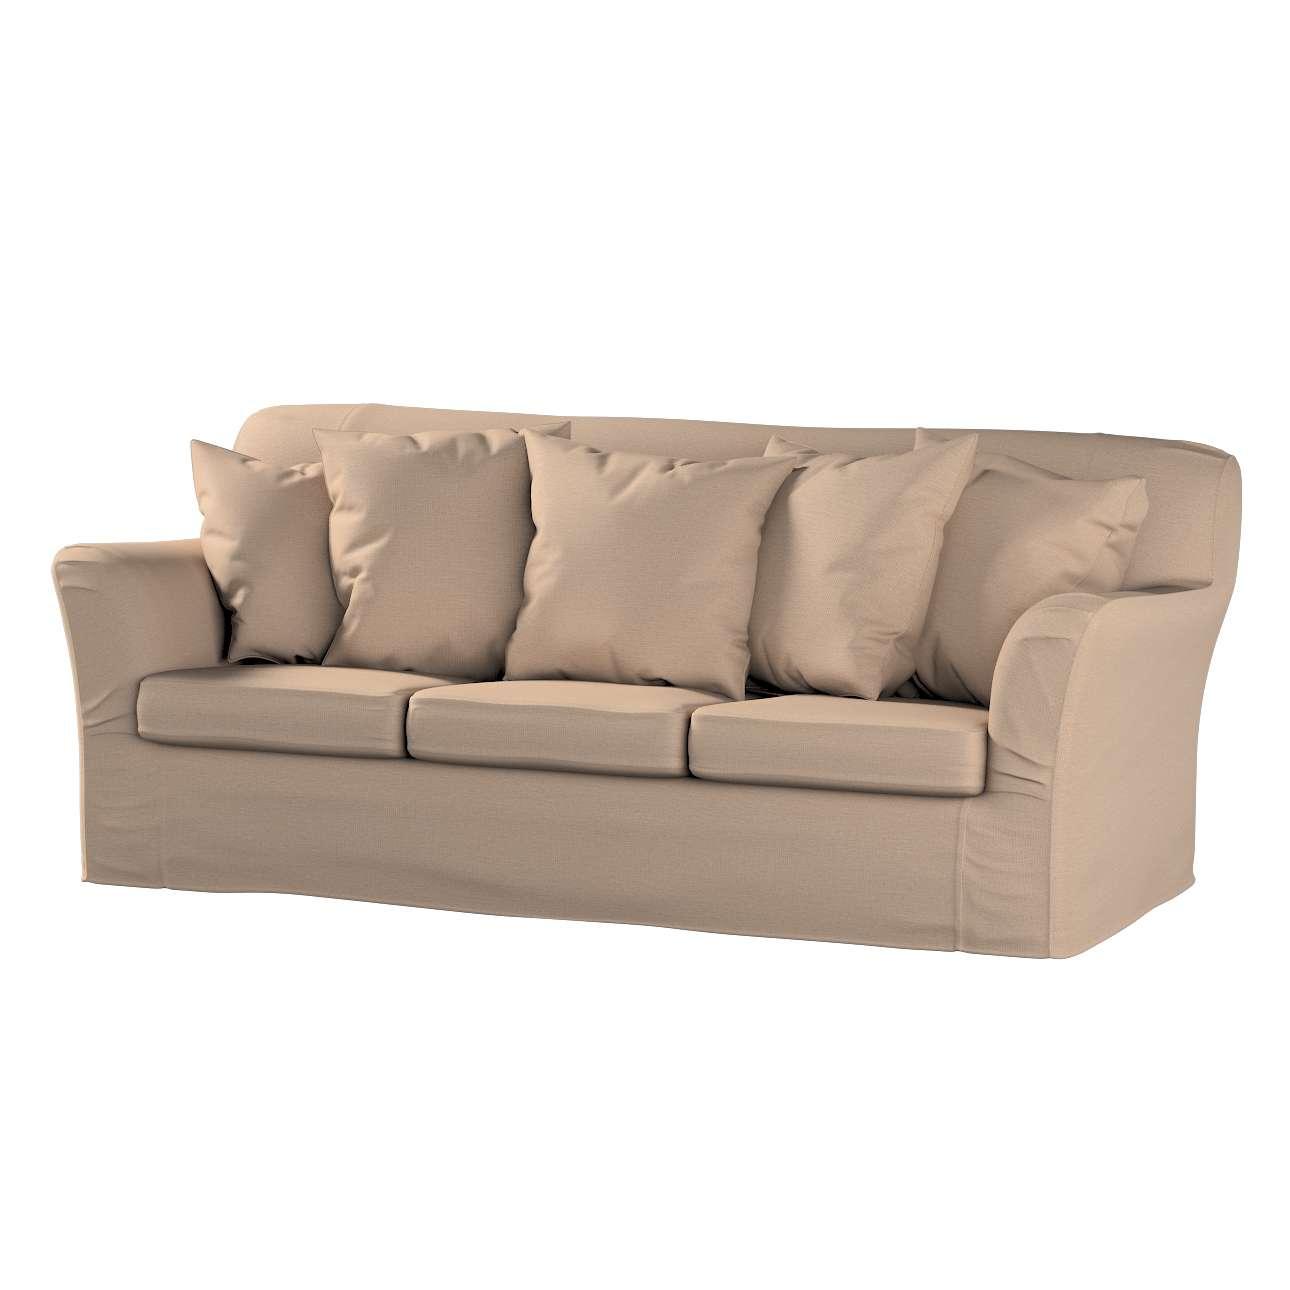 Bezug für Tomelilla 3-Sitzer Sofa nicht ausklappbar von der Kollektion Bergen, Stoff: 161-75